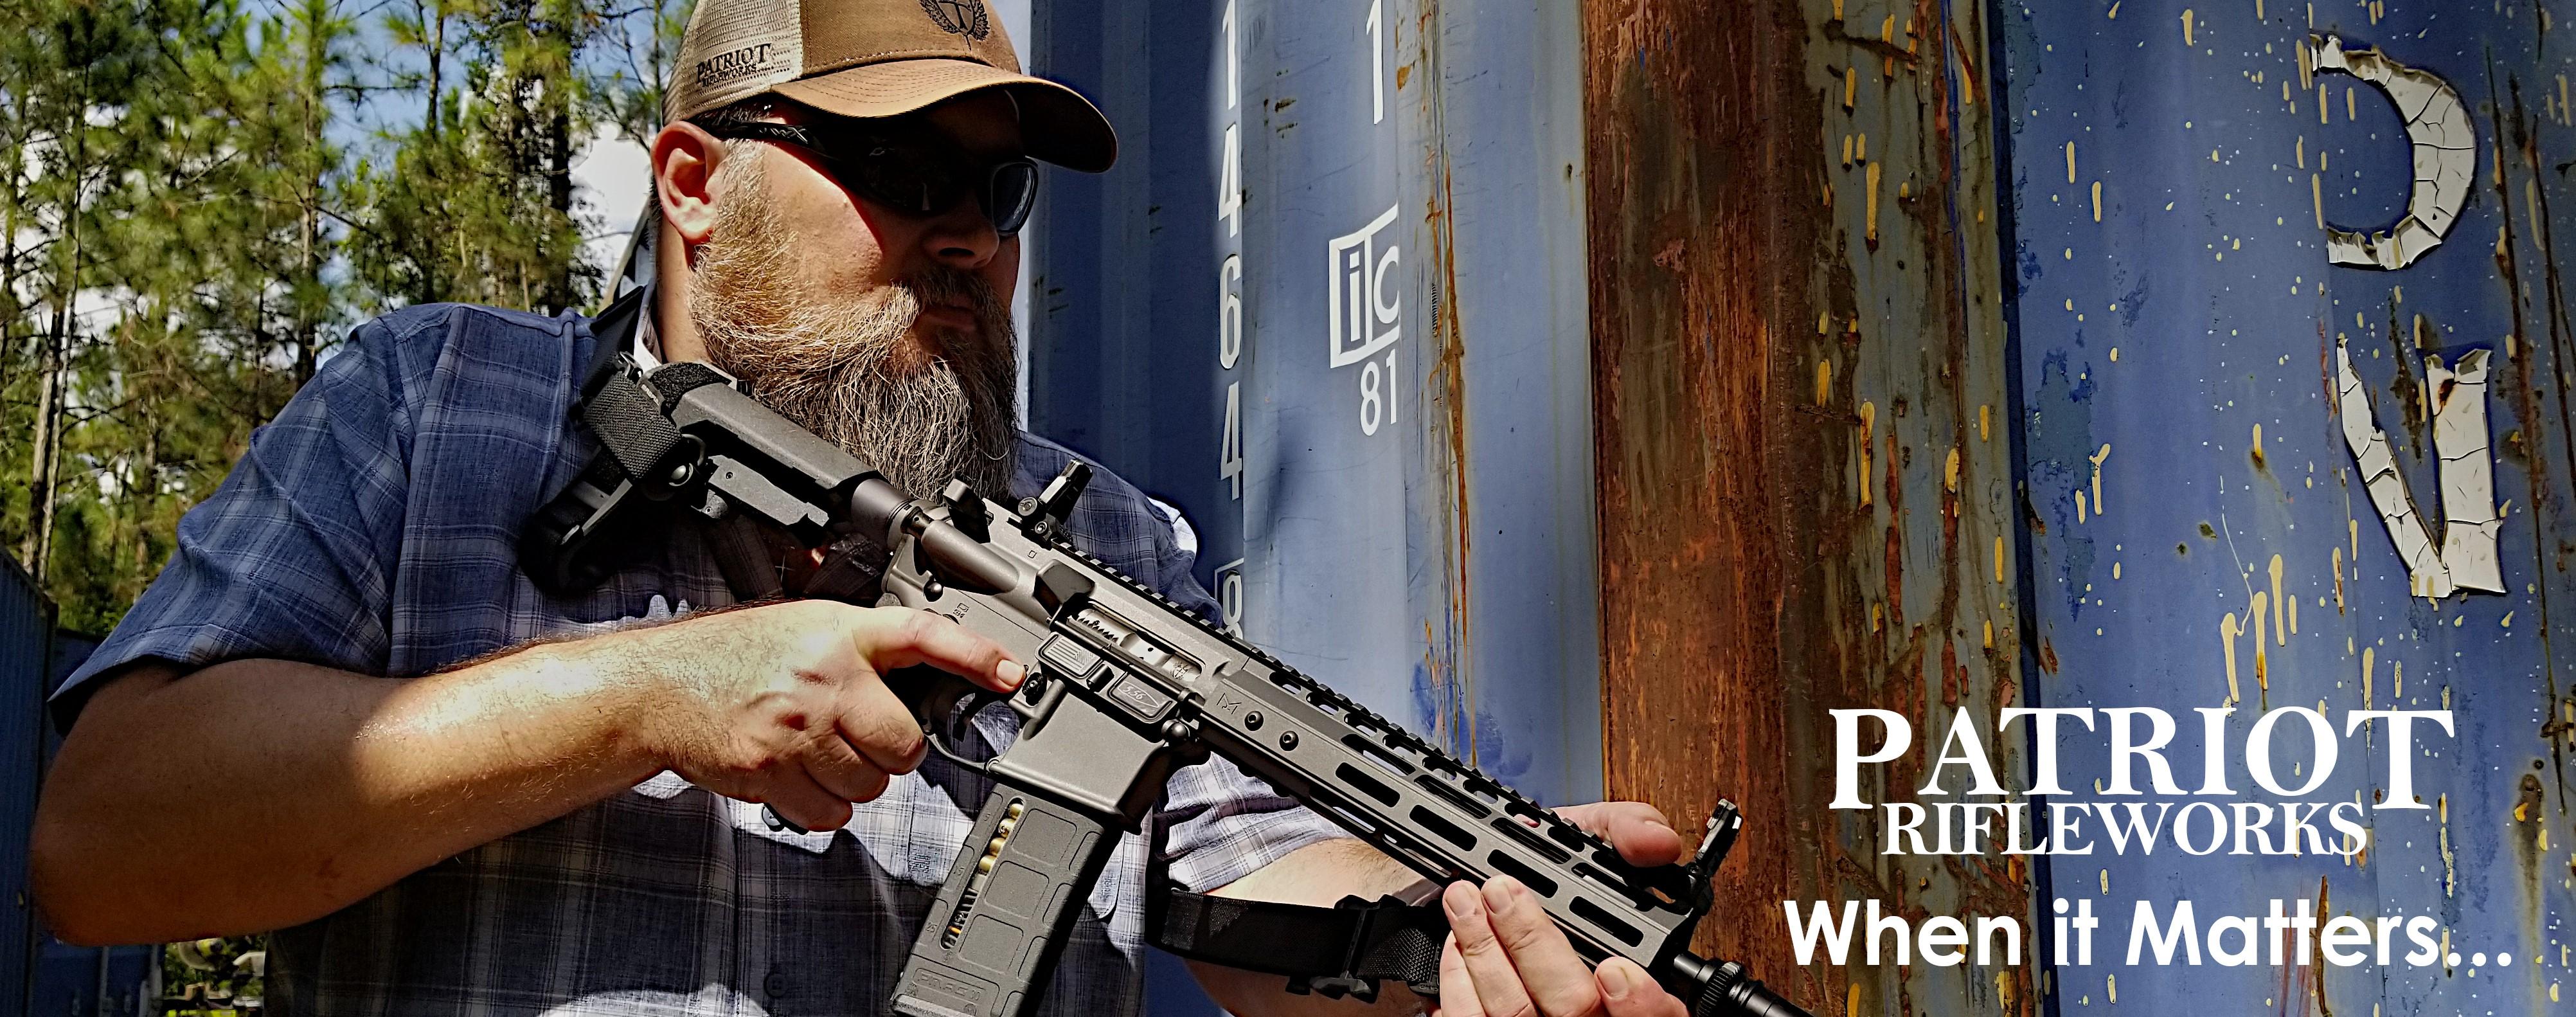 Patriot Rifleworks Man Holding Gun